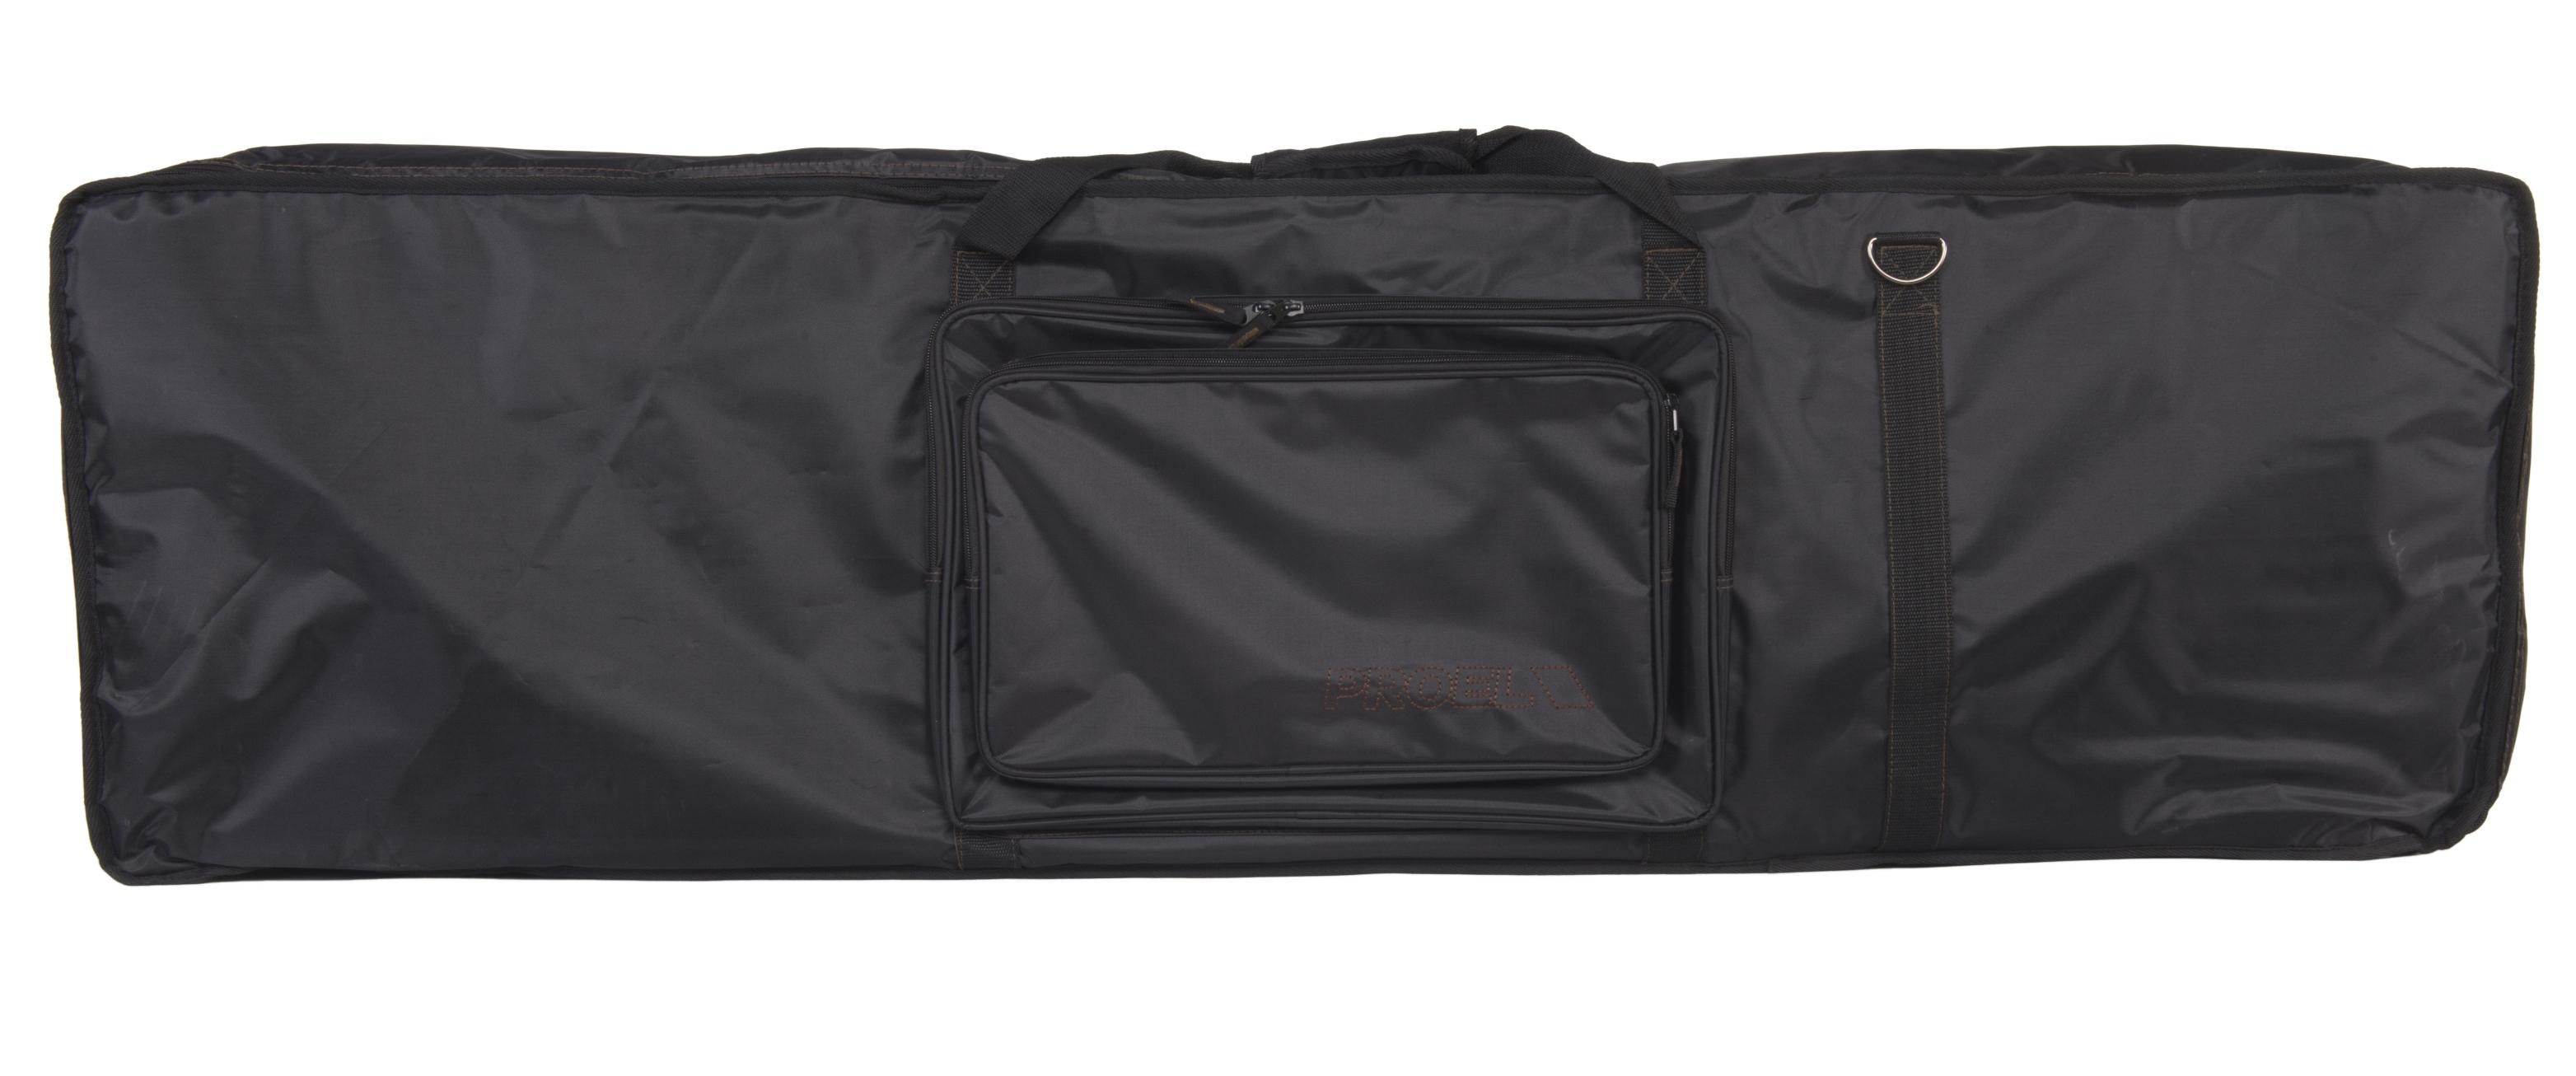 PROEL BAG940PN - Borsa per tastiera in robusto nylon 420D antistrappo.